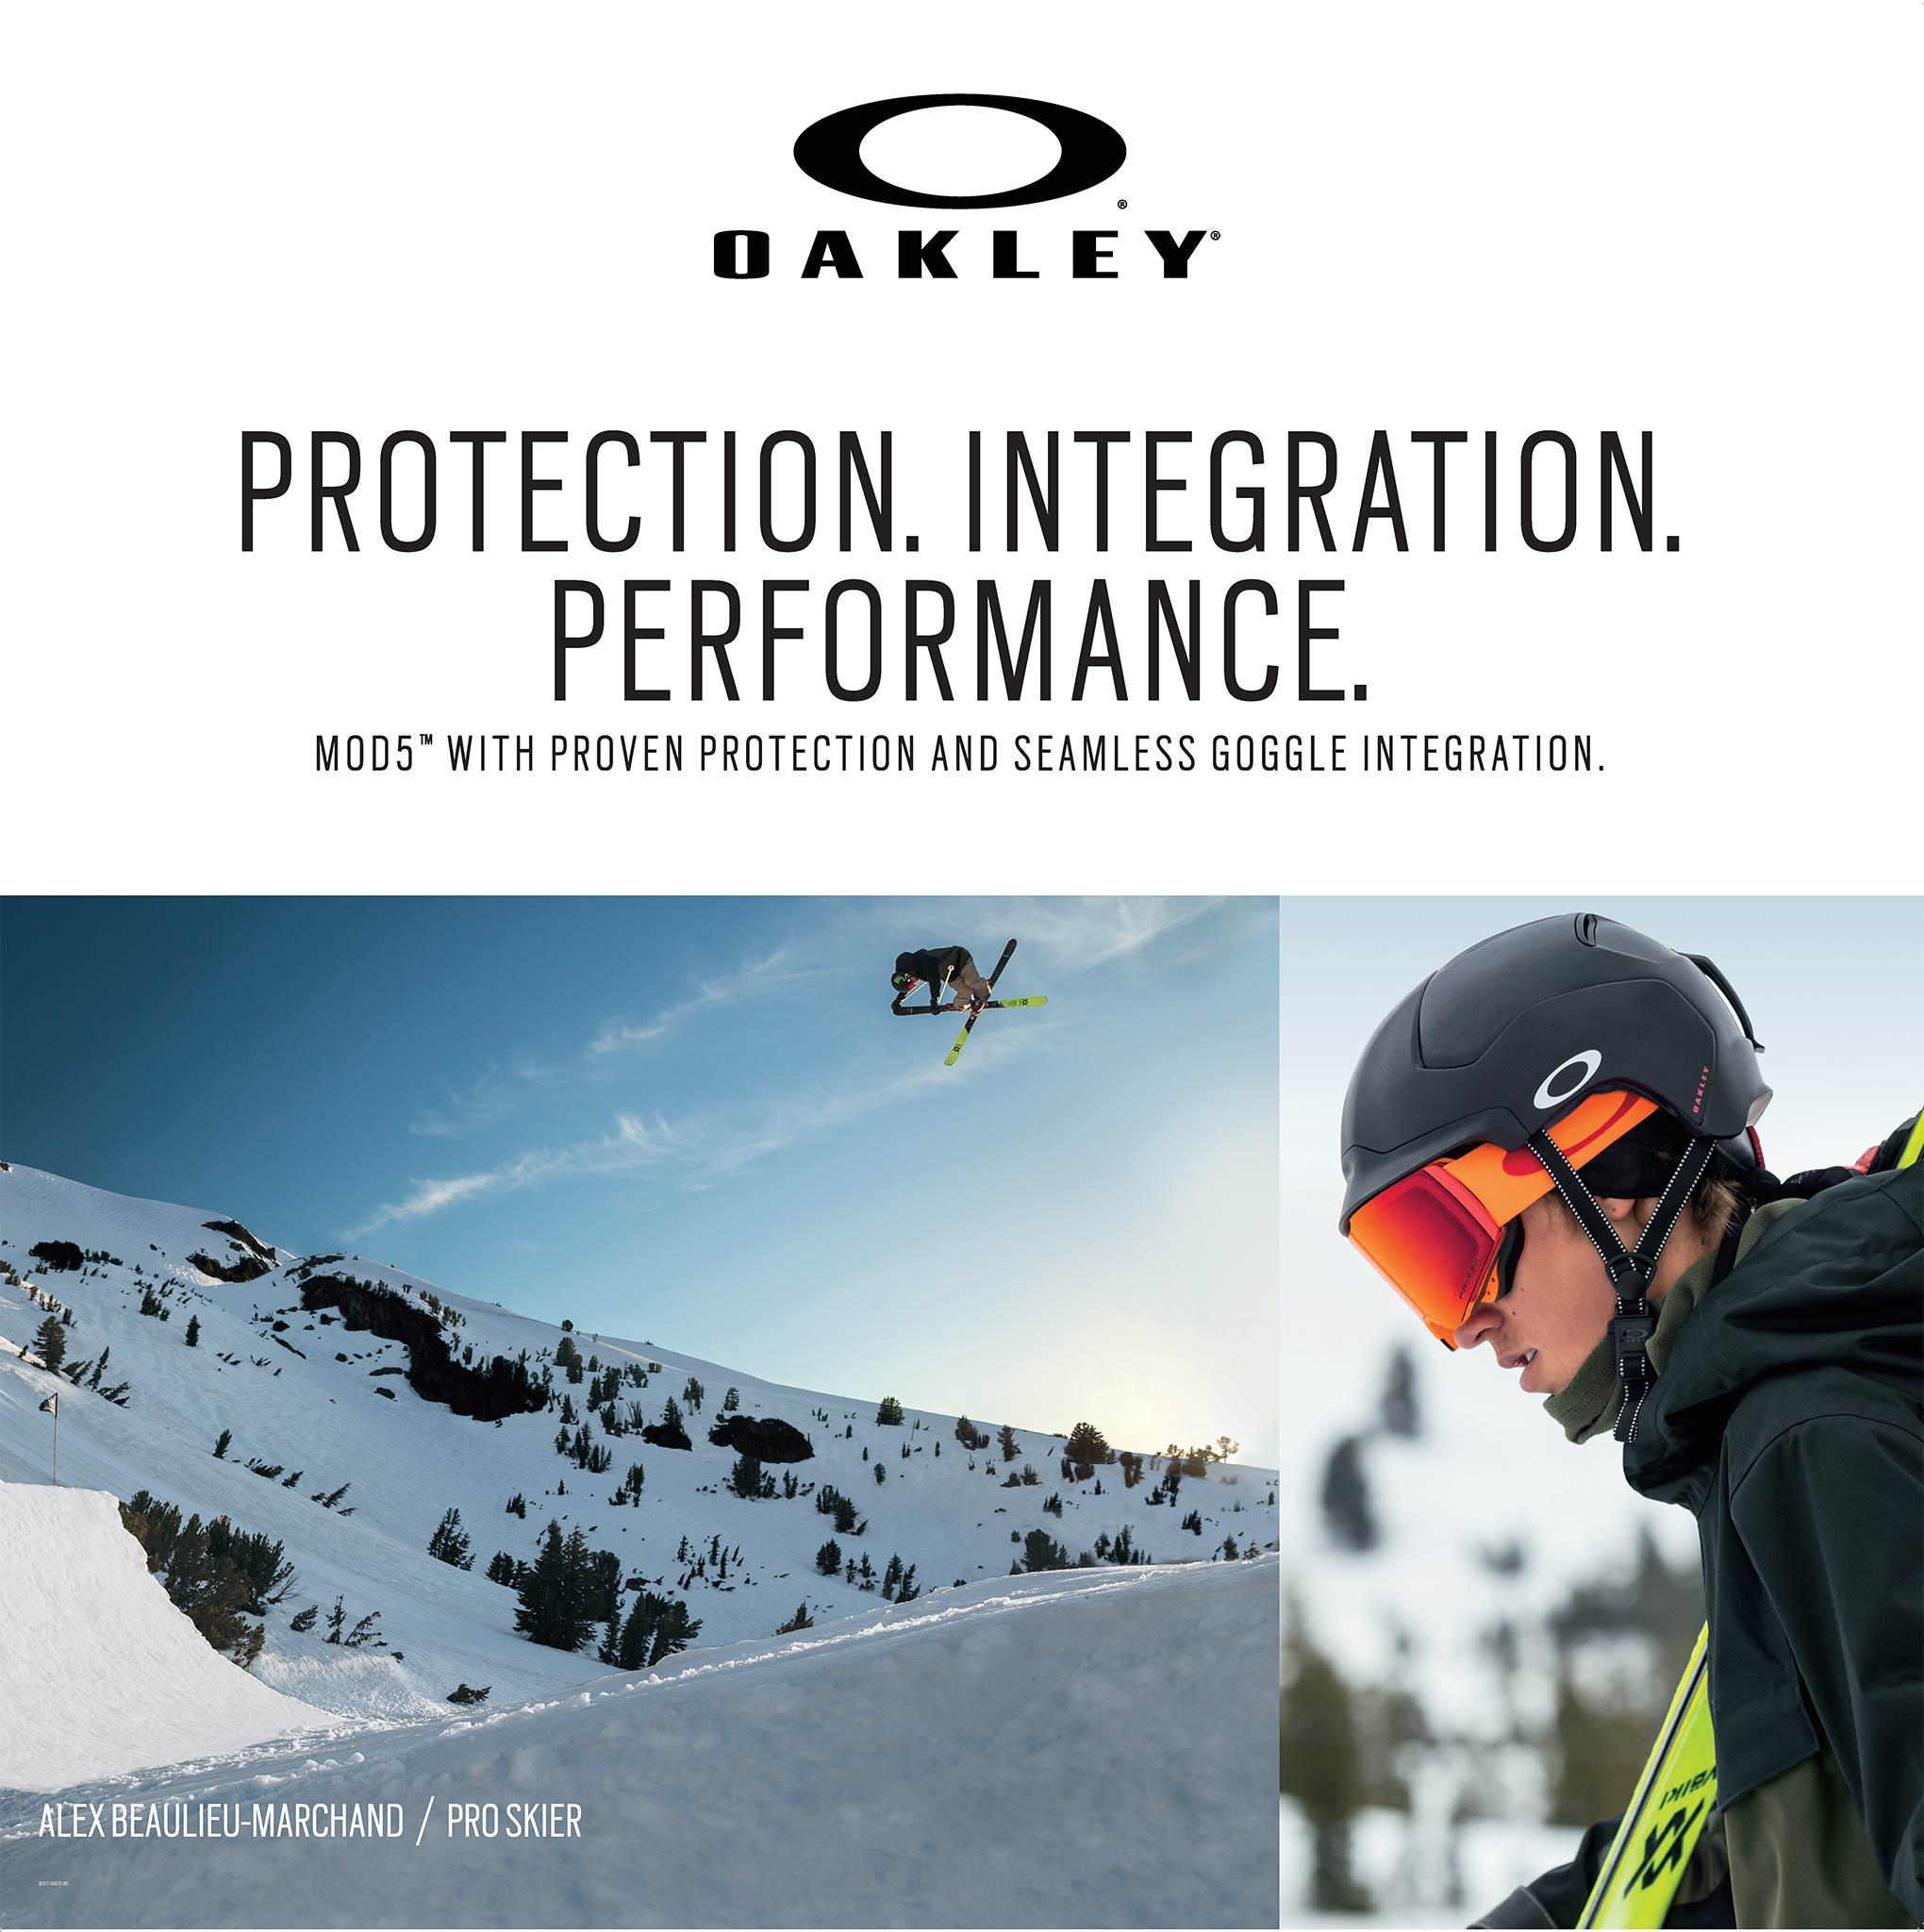 Neben der Outerwear hat Oakley zudem mit dem Mod 5 einen neuen Helm im Sortiment.